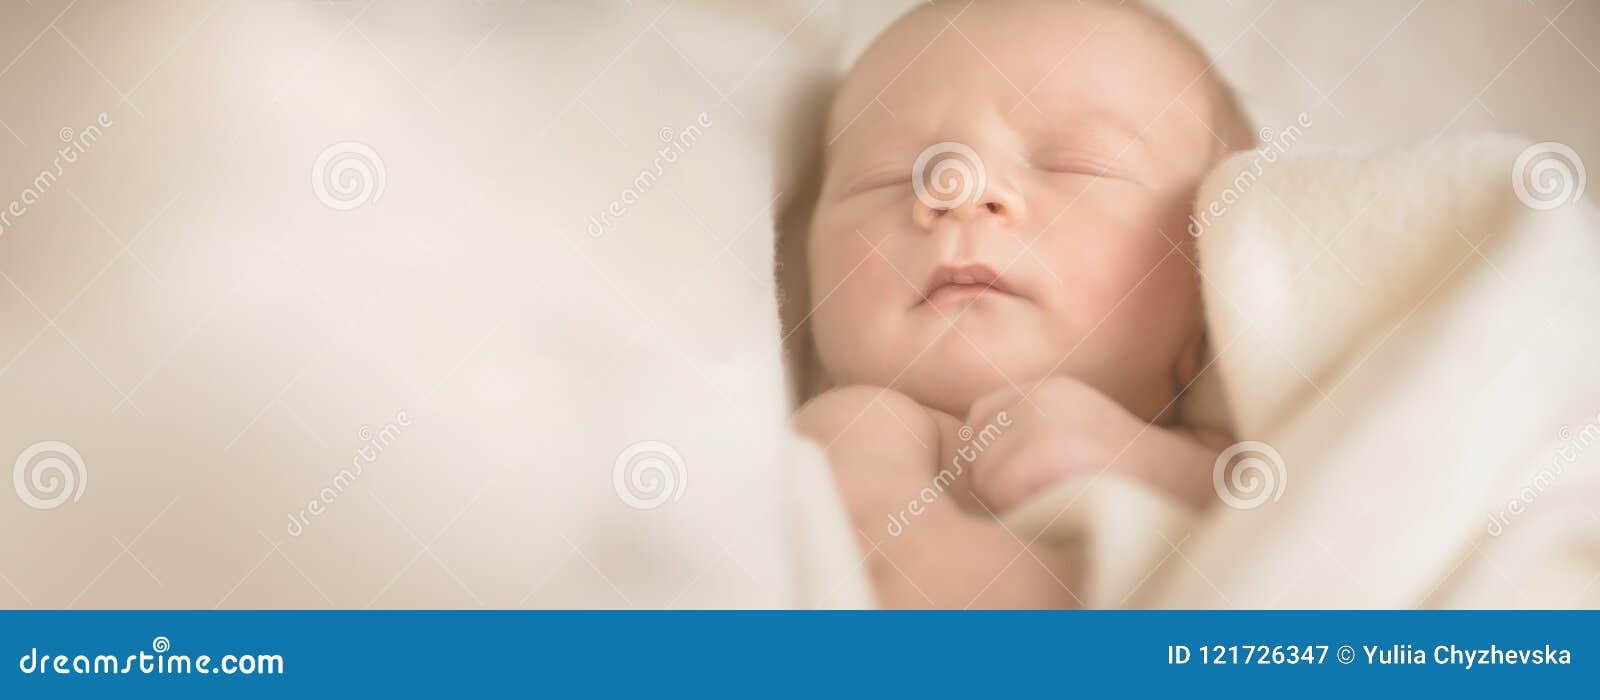 Маленький спать newborn младенец в одеяле обруча сметанообразном 13 дня старого скопируйте космос для вашего текста Материнство,